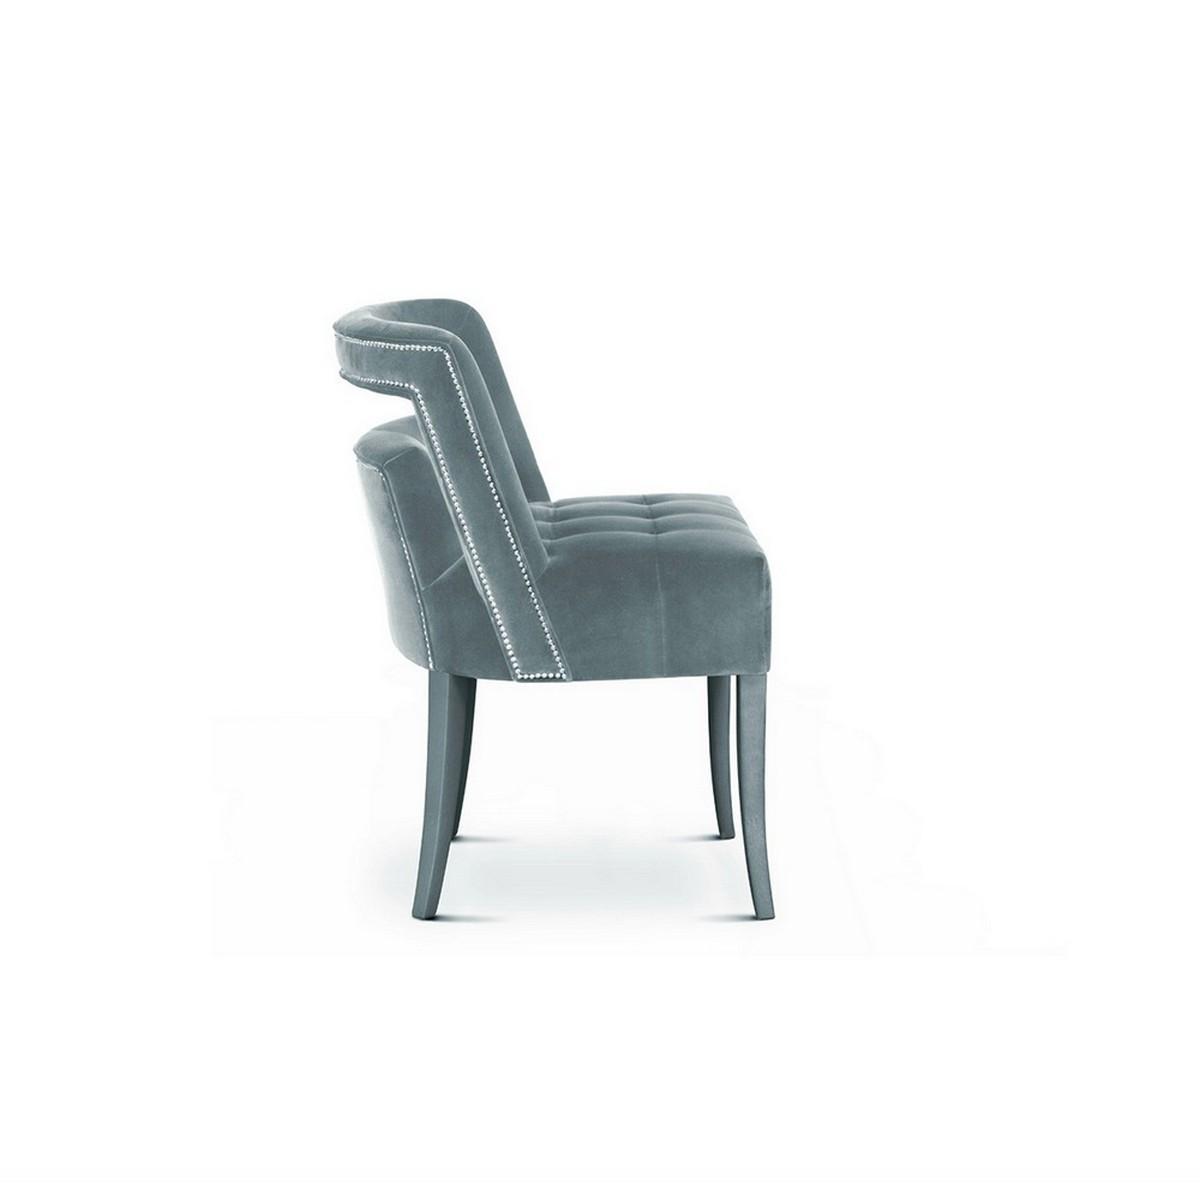 Diseño de Comedor: Una seleción de muebles lujuosos y coloridos diseño de comedor Diseño de Comedor: Una seleción de muebles lujuosos y coloridos 4